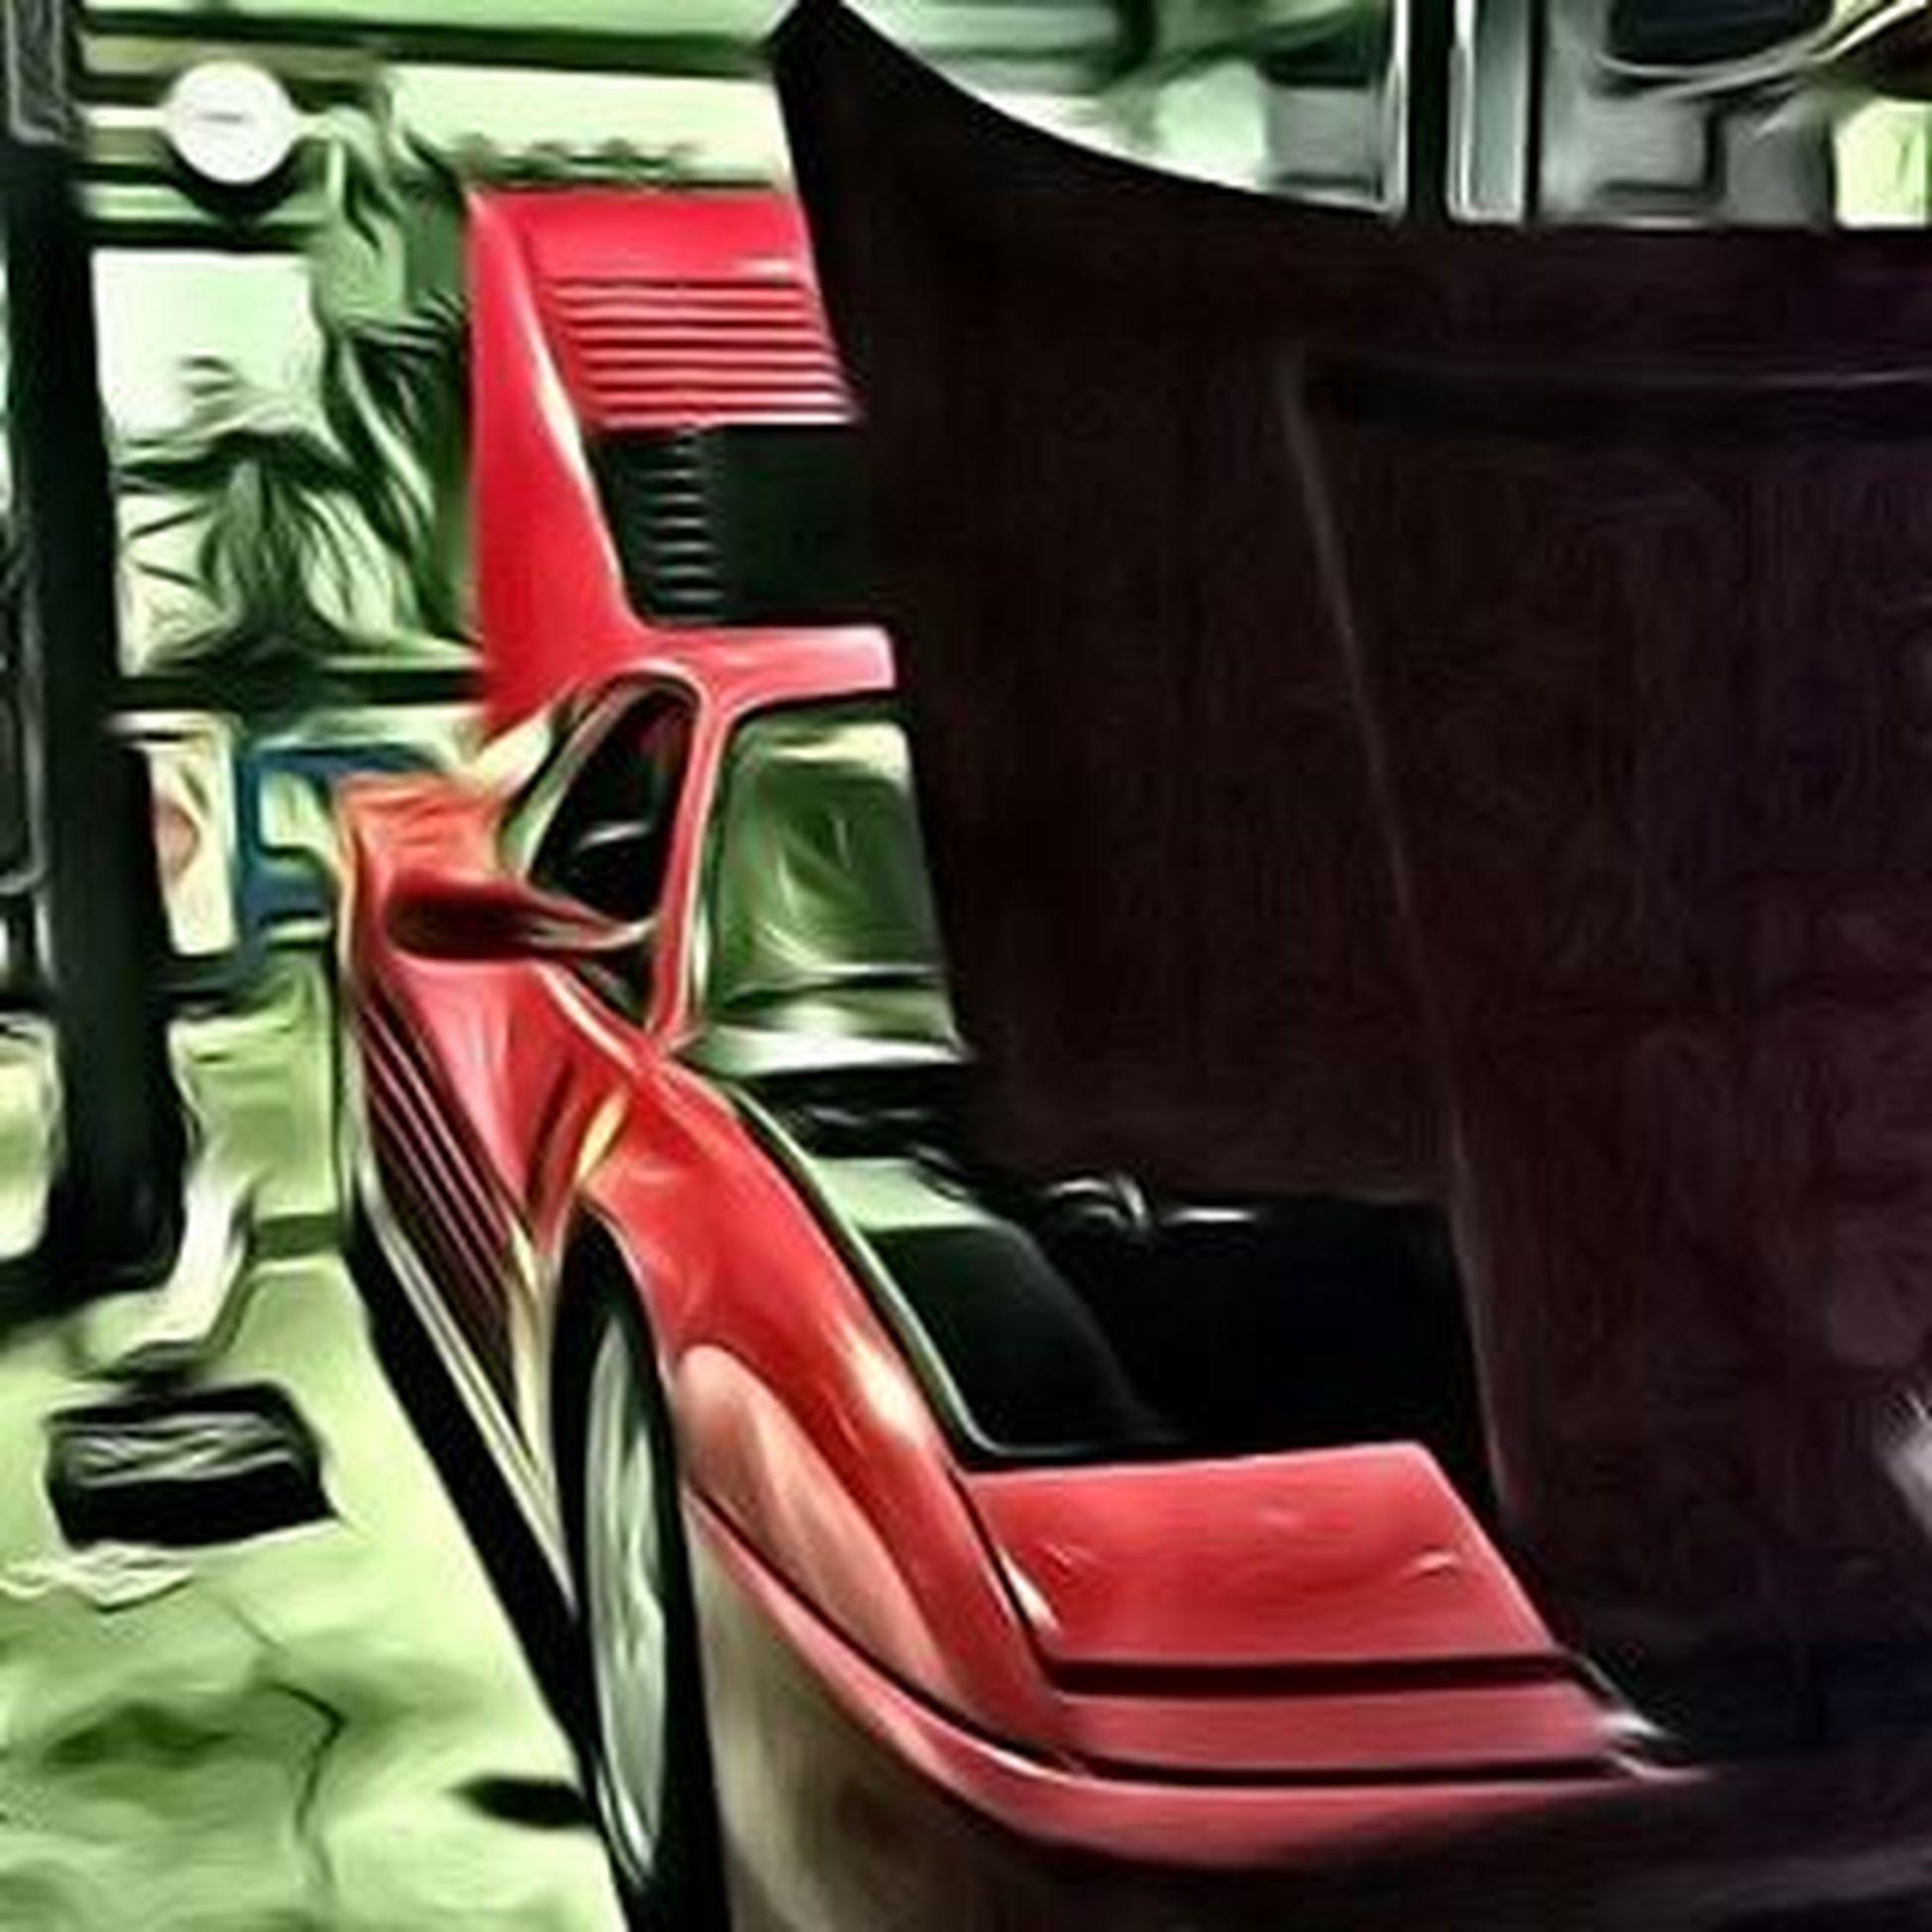 テスタロッサも、いつ見てもカッコよい。 Ferrari Testarossa V12 Cabalinorampante Scuderia Scuderiaferrari Hideoutinc Hideoutworks Superphoto フェラーリ テスタロッサ